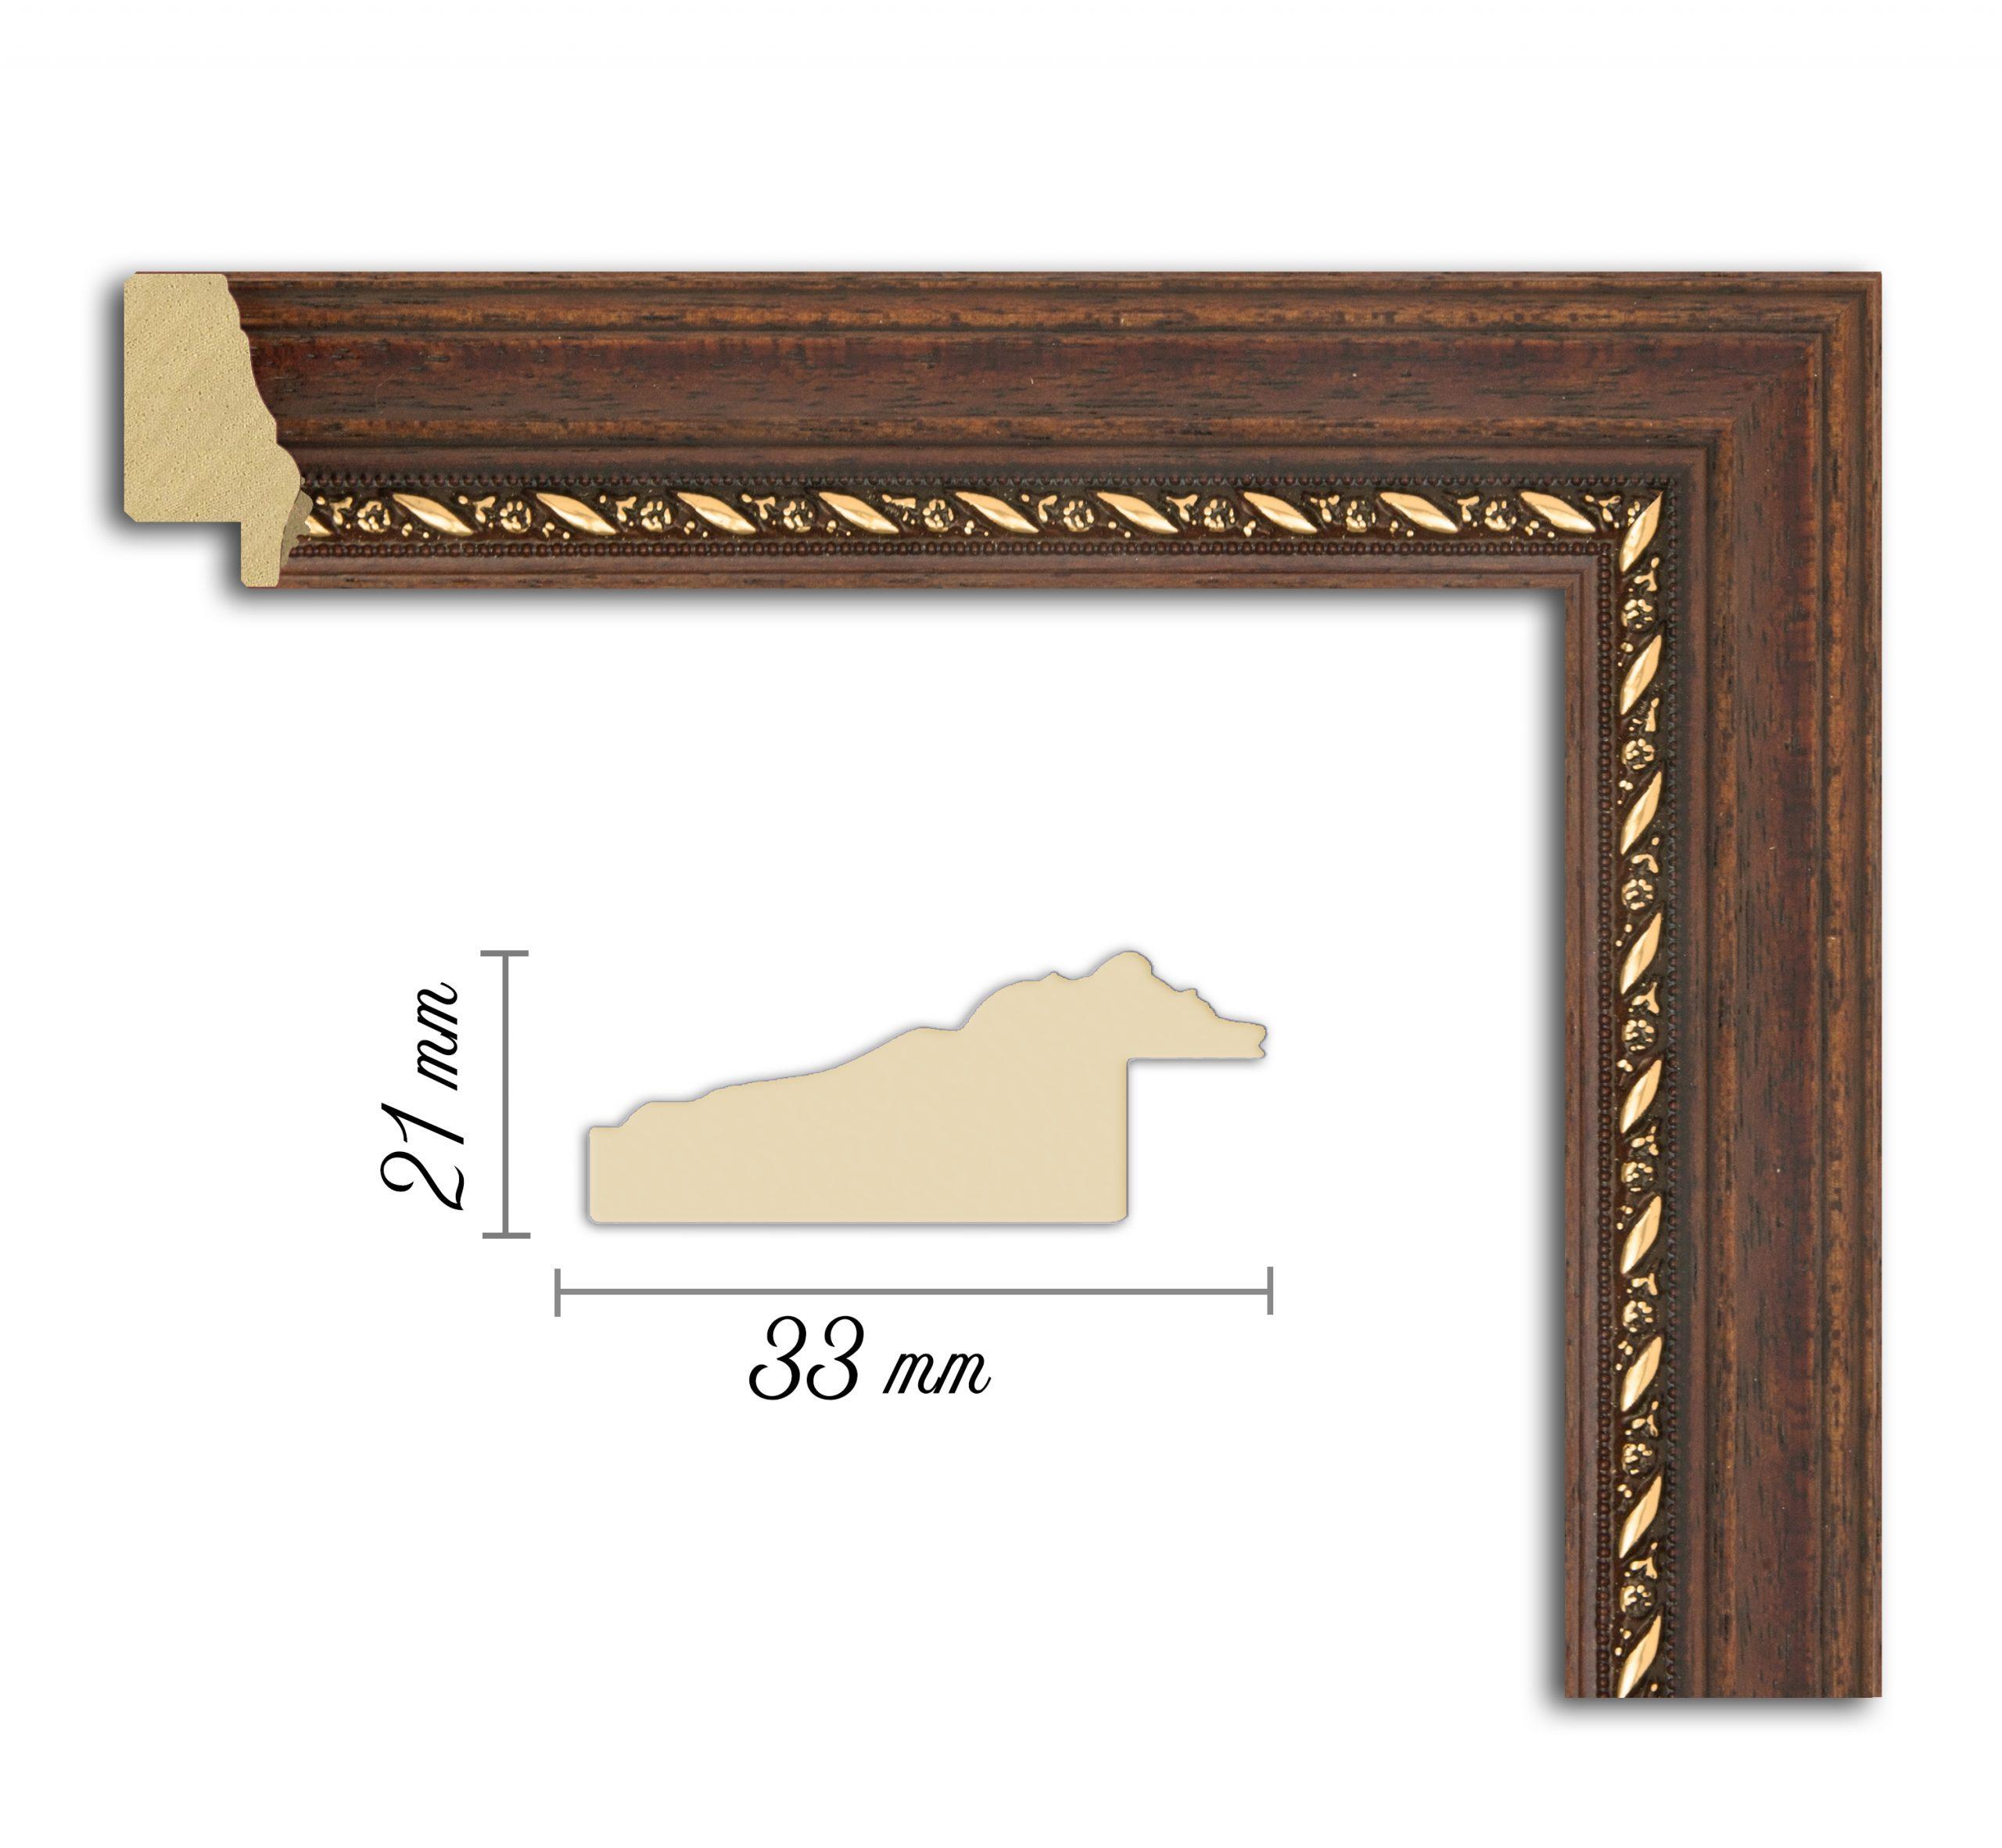 Дървен профил 06-33, Дървени профили за рамки, рамкиране, рамки за картини, рамки за гоблени, профили за рамки, профили за рамкиране, рамки от дърво, дървени рамки, профили за рамки, профили за рамкране, рамкиране на картини; рамка със златен кант, кафява и златна рамка, рамка с орнаменти, кафява рамка;